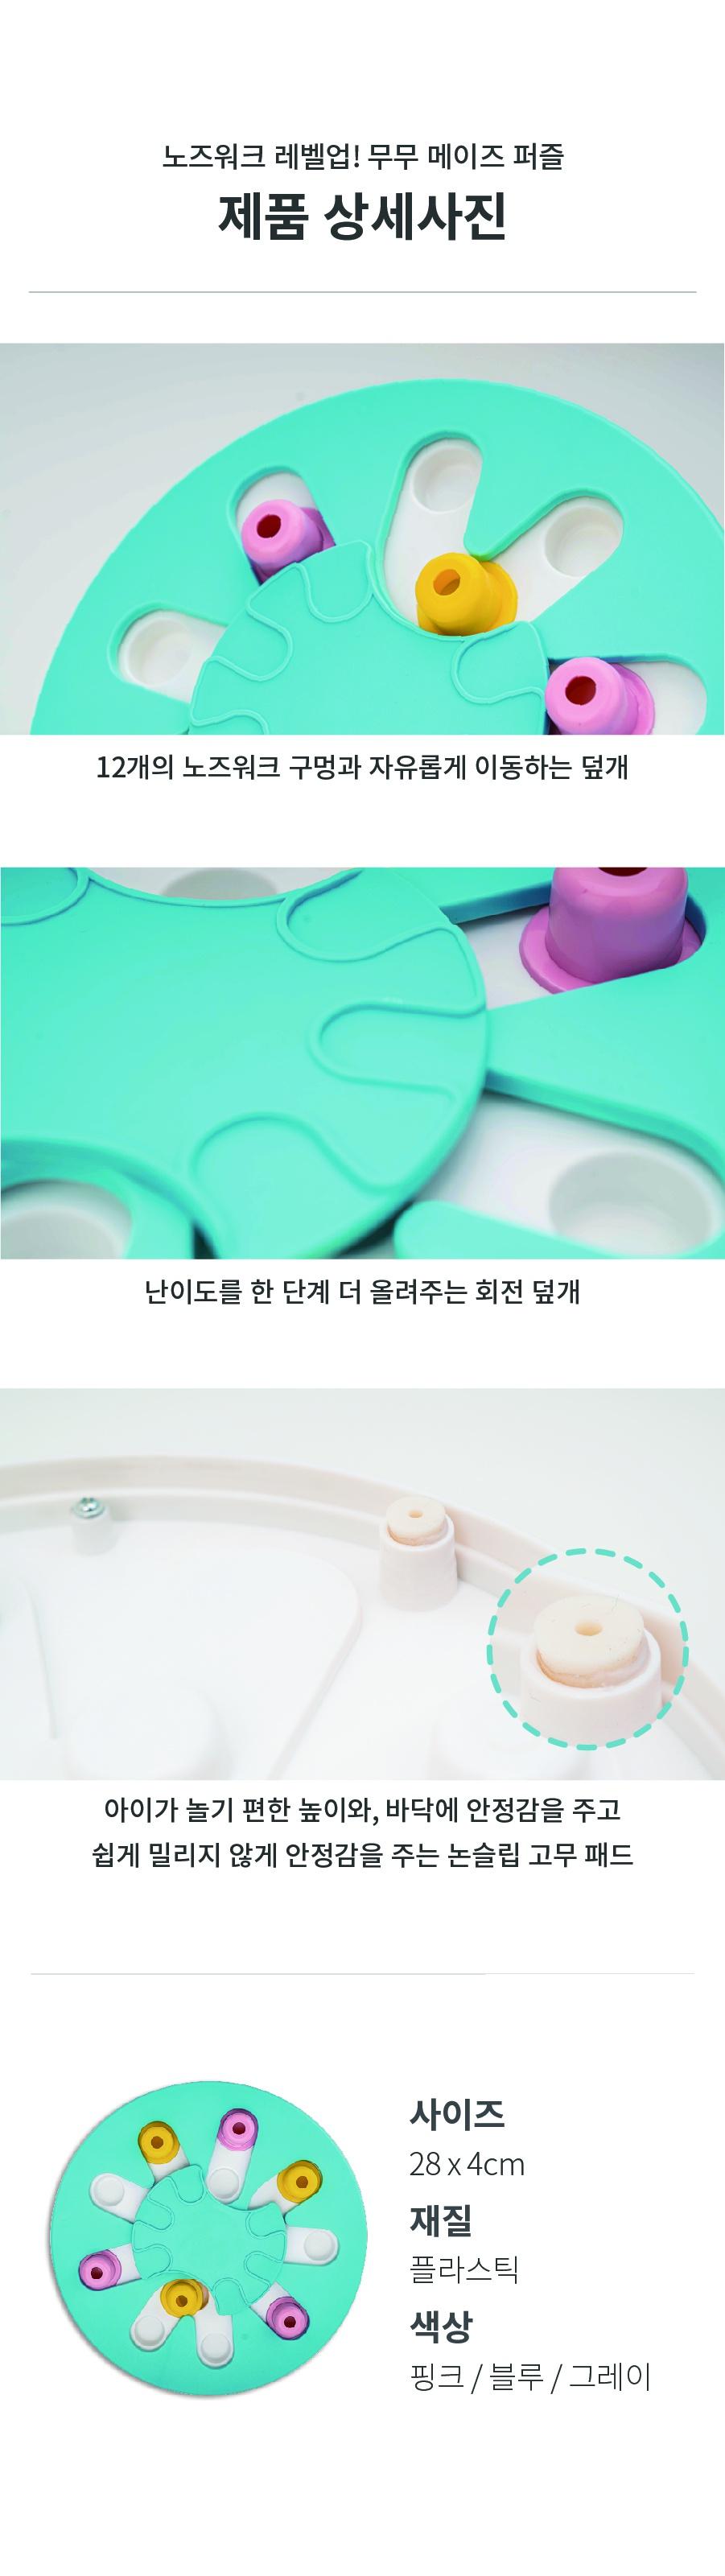 무무 메이즈 퍼즐 (핑크/블루/그레이)-상품이미지-7